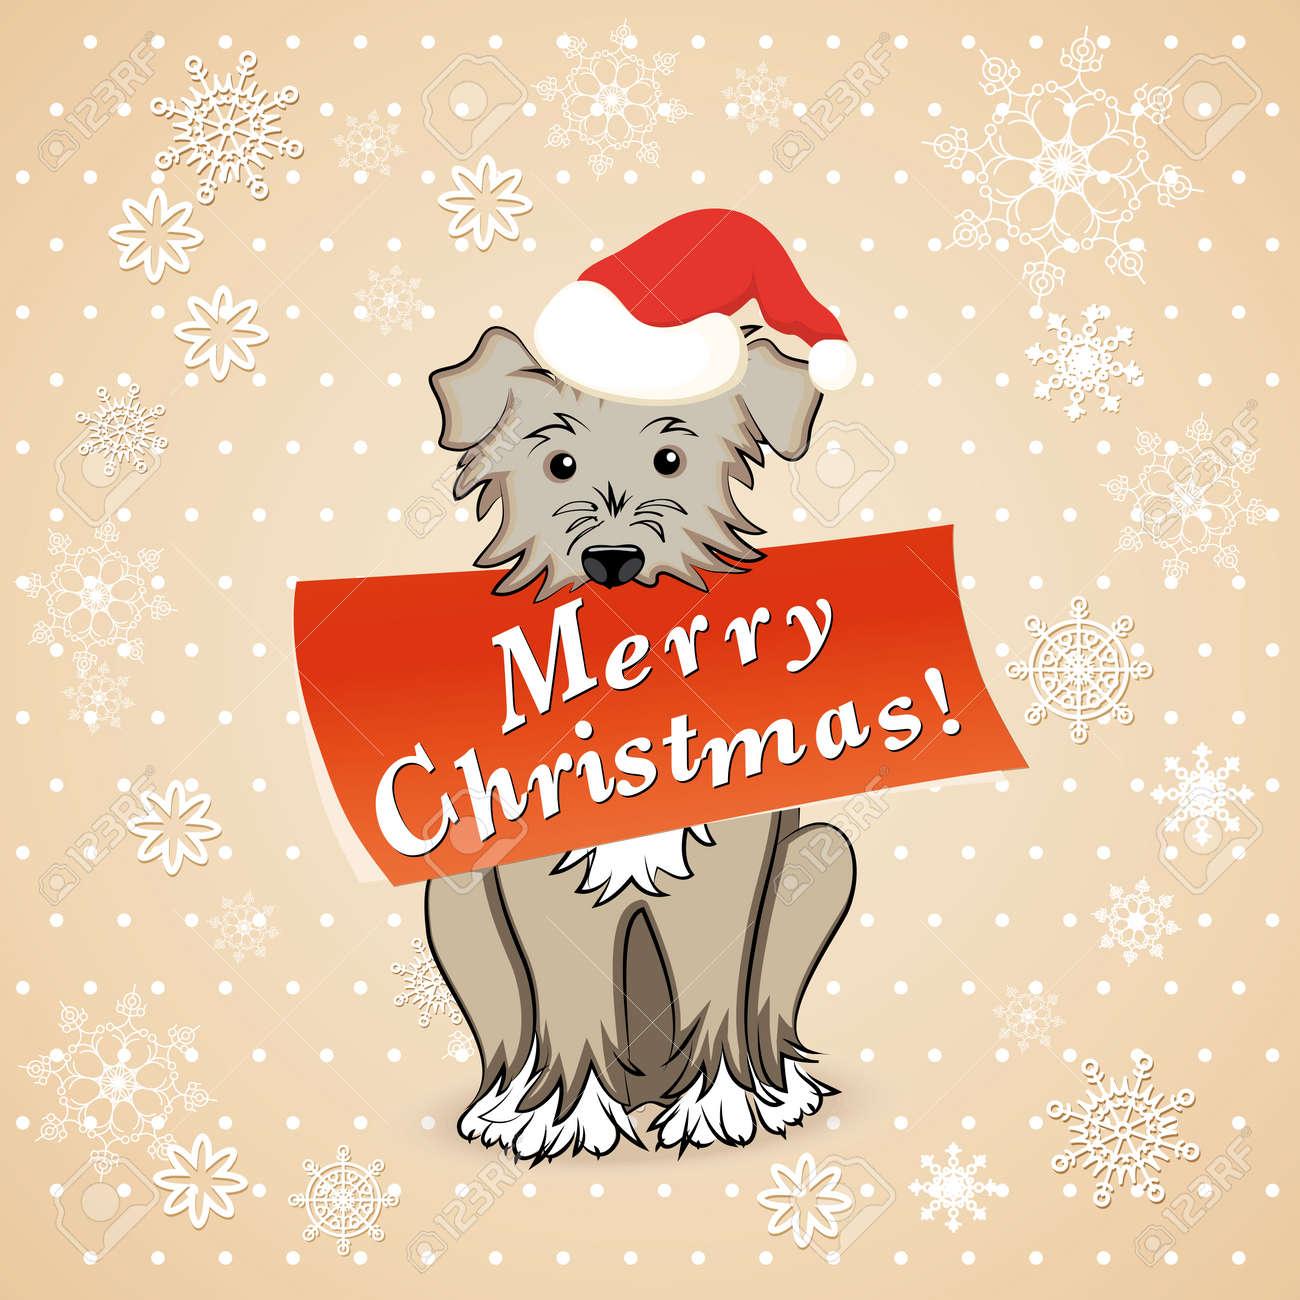 Dog Christmas Card Photo.Vector Illustration Christmas Card With Cartoon Dog